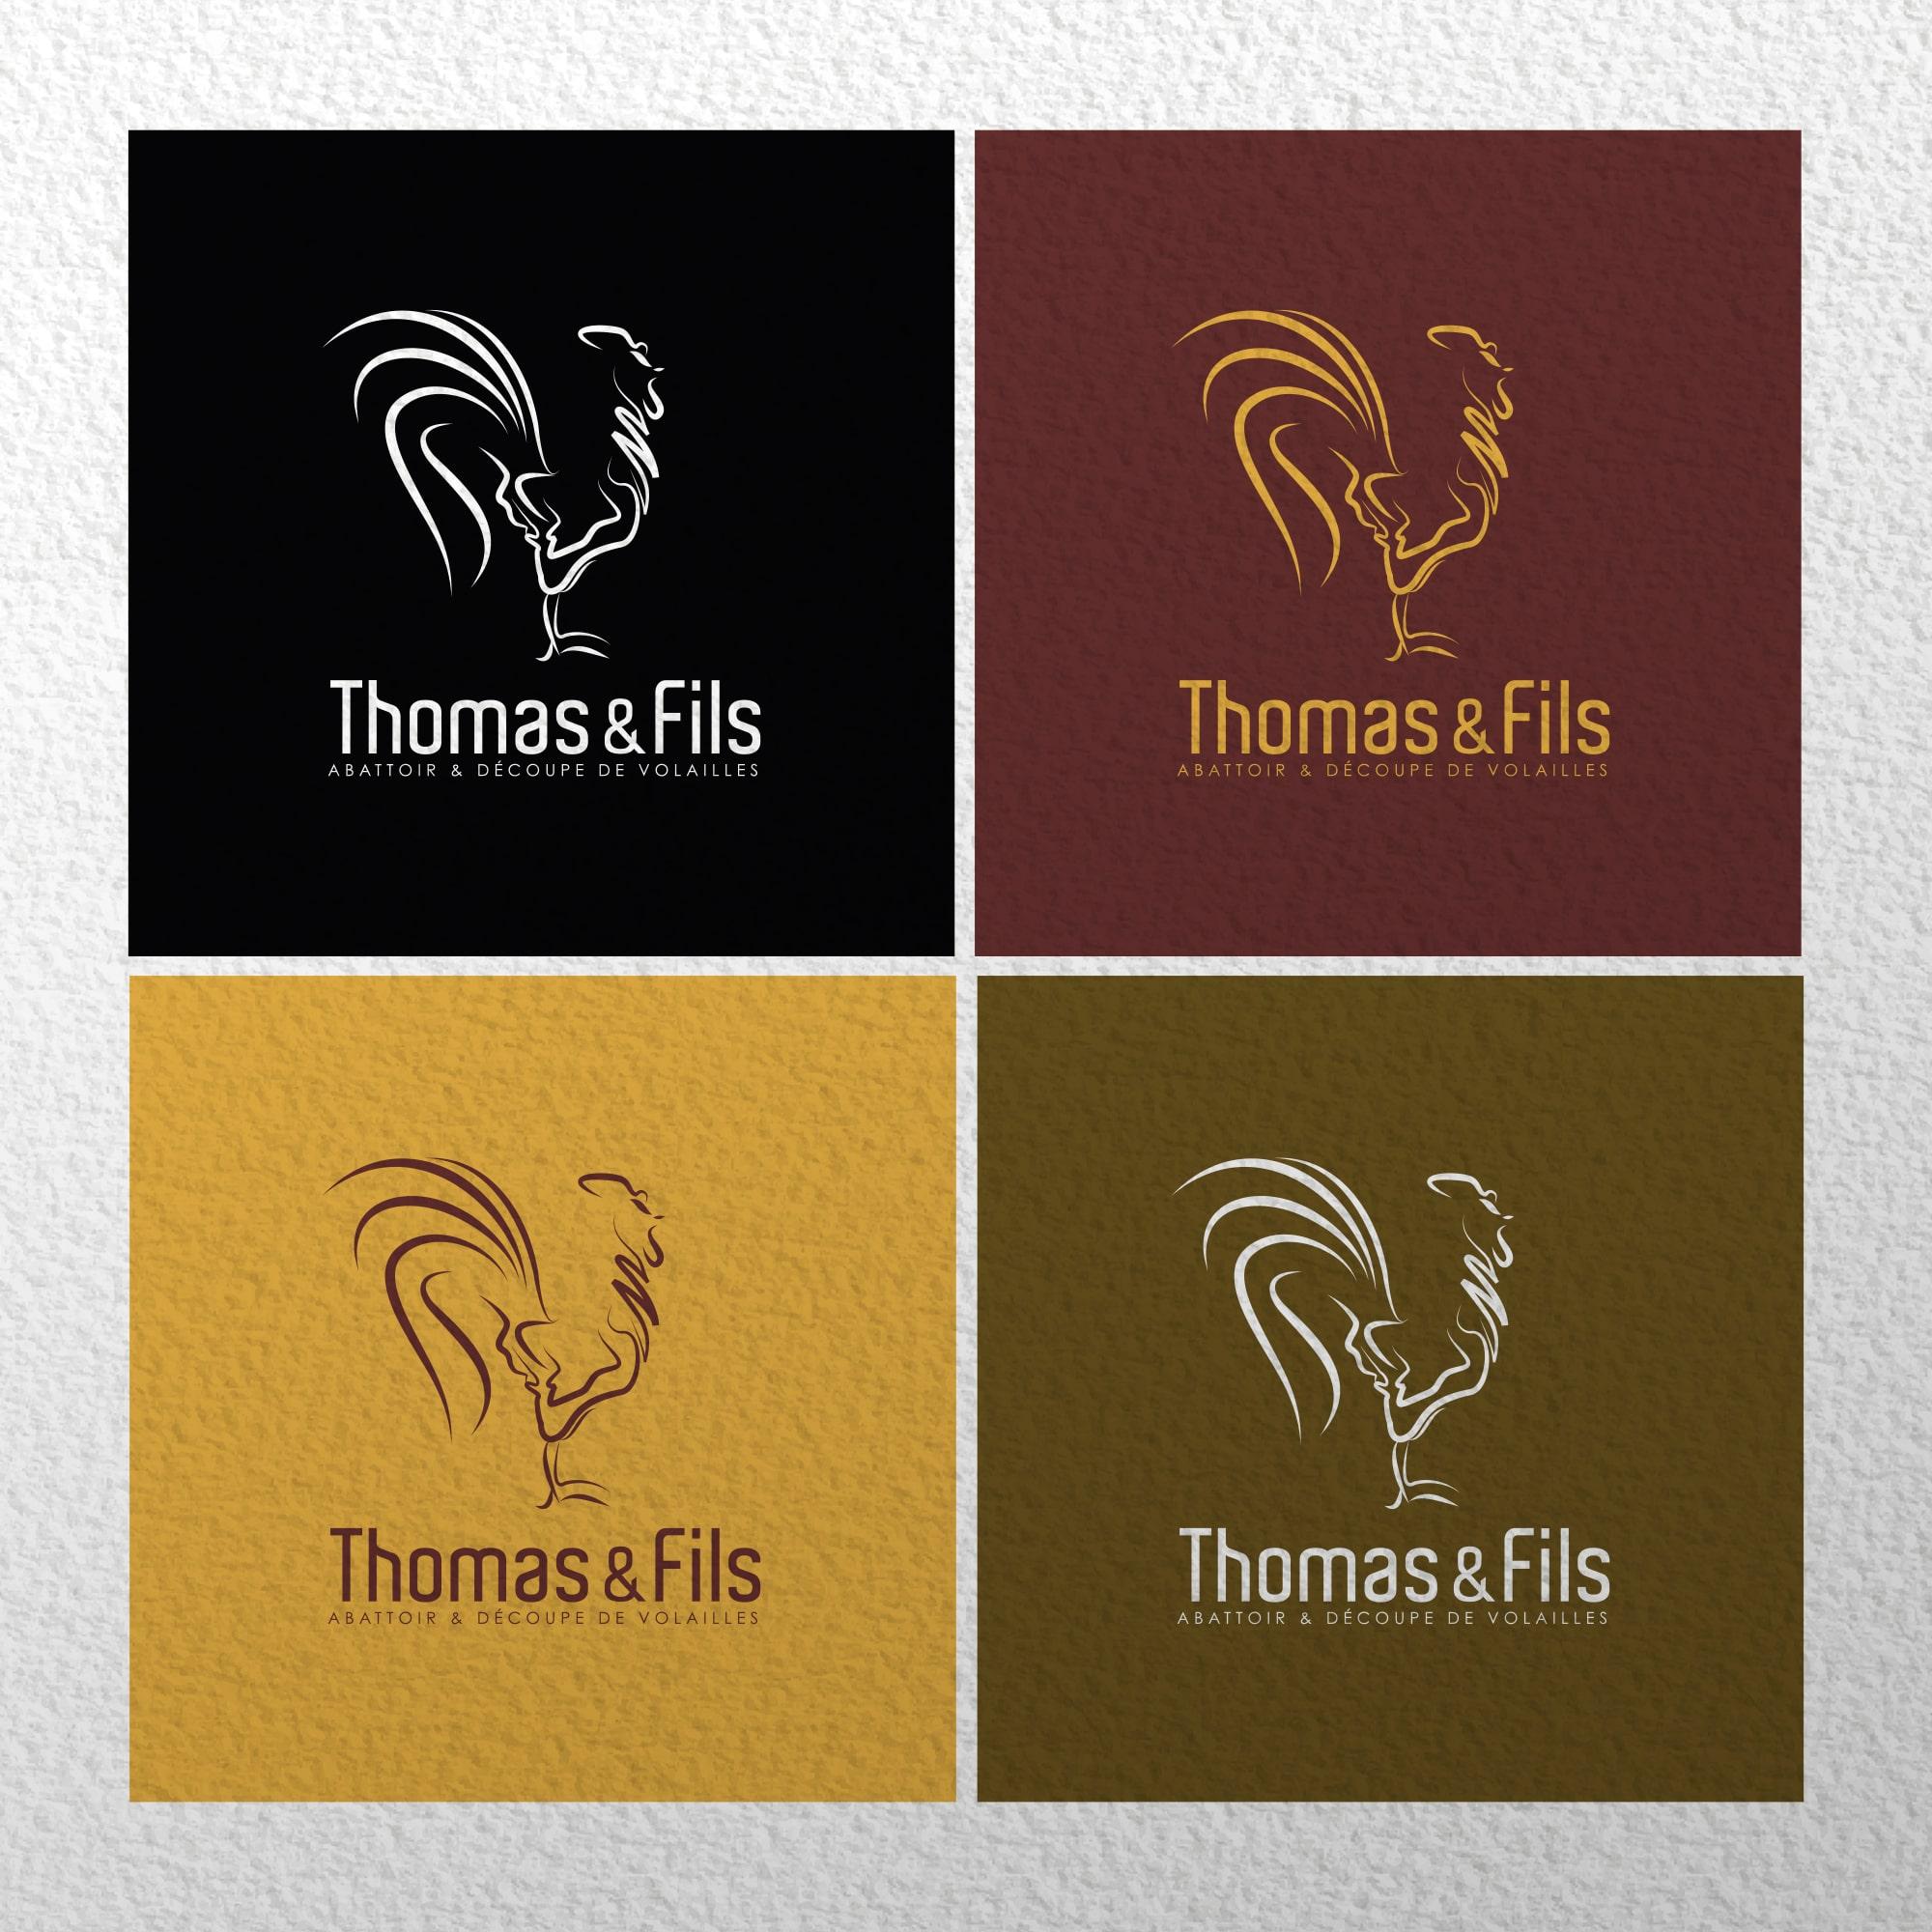 Thomasfils A